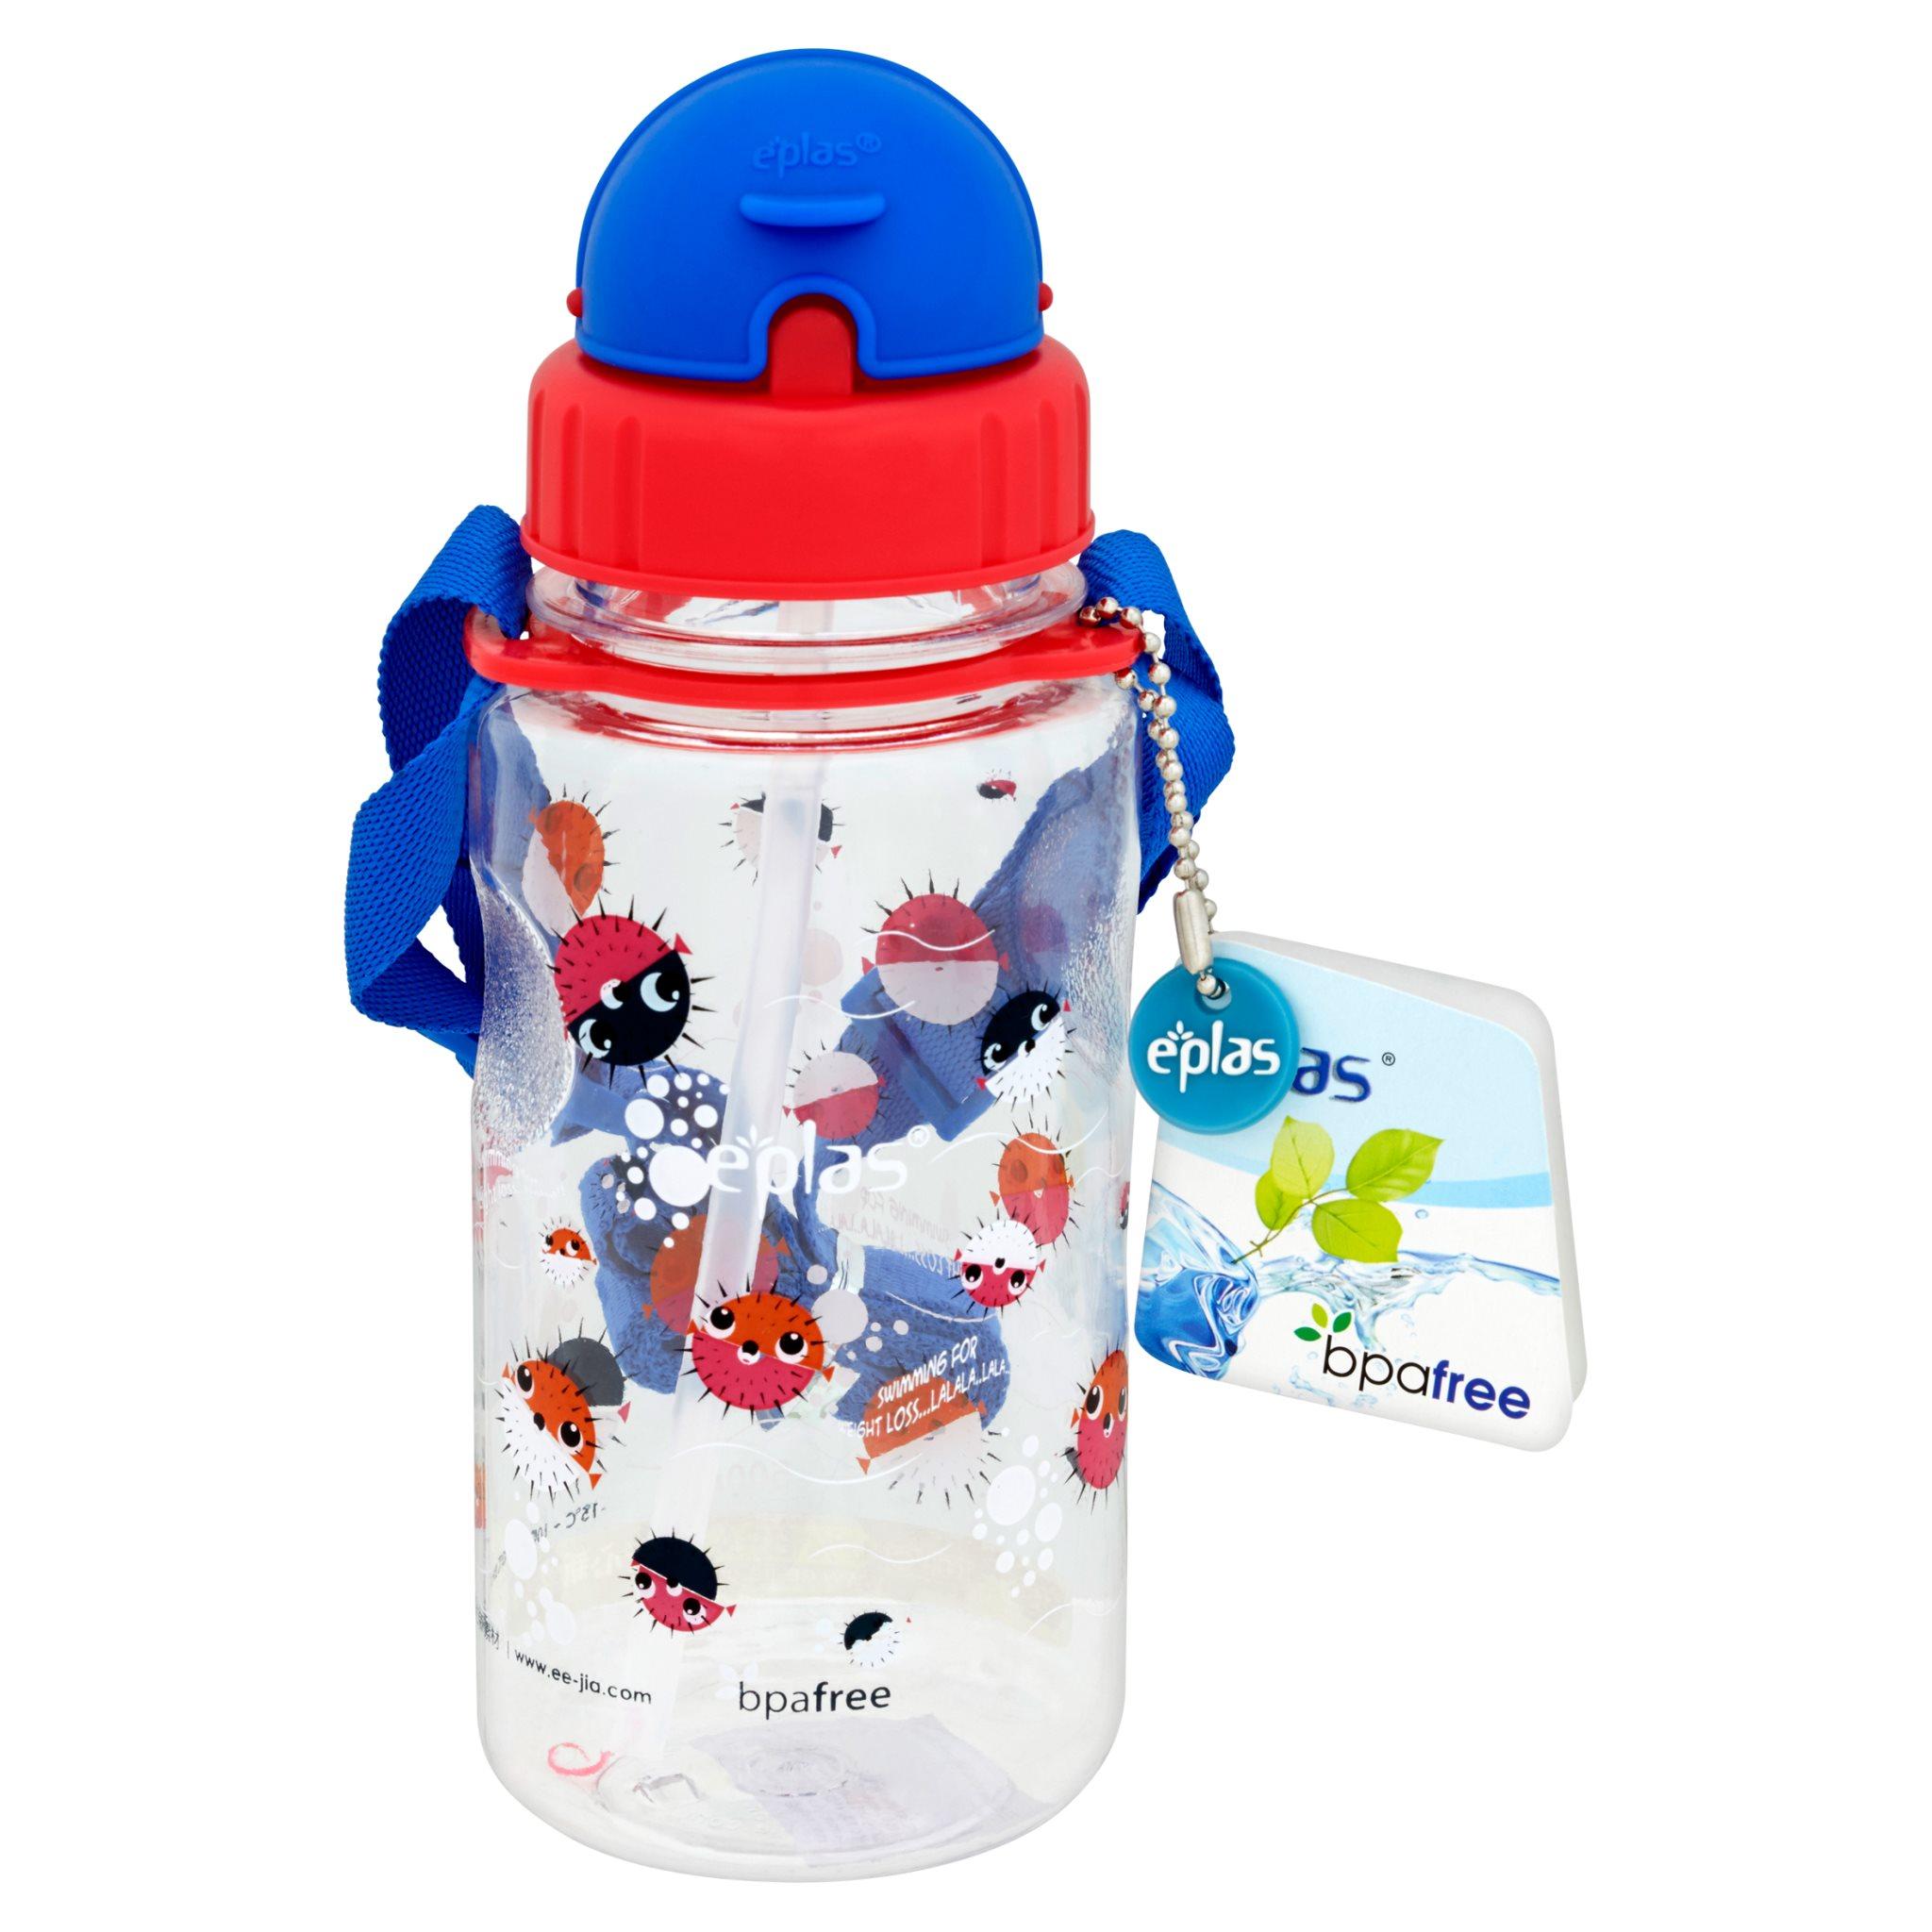 Eplas BPA Free Bottle Water Bottle Tumbler EGB-500 (500ml)